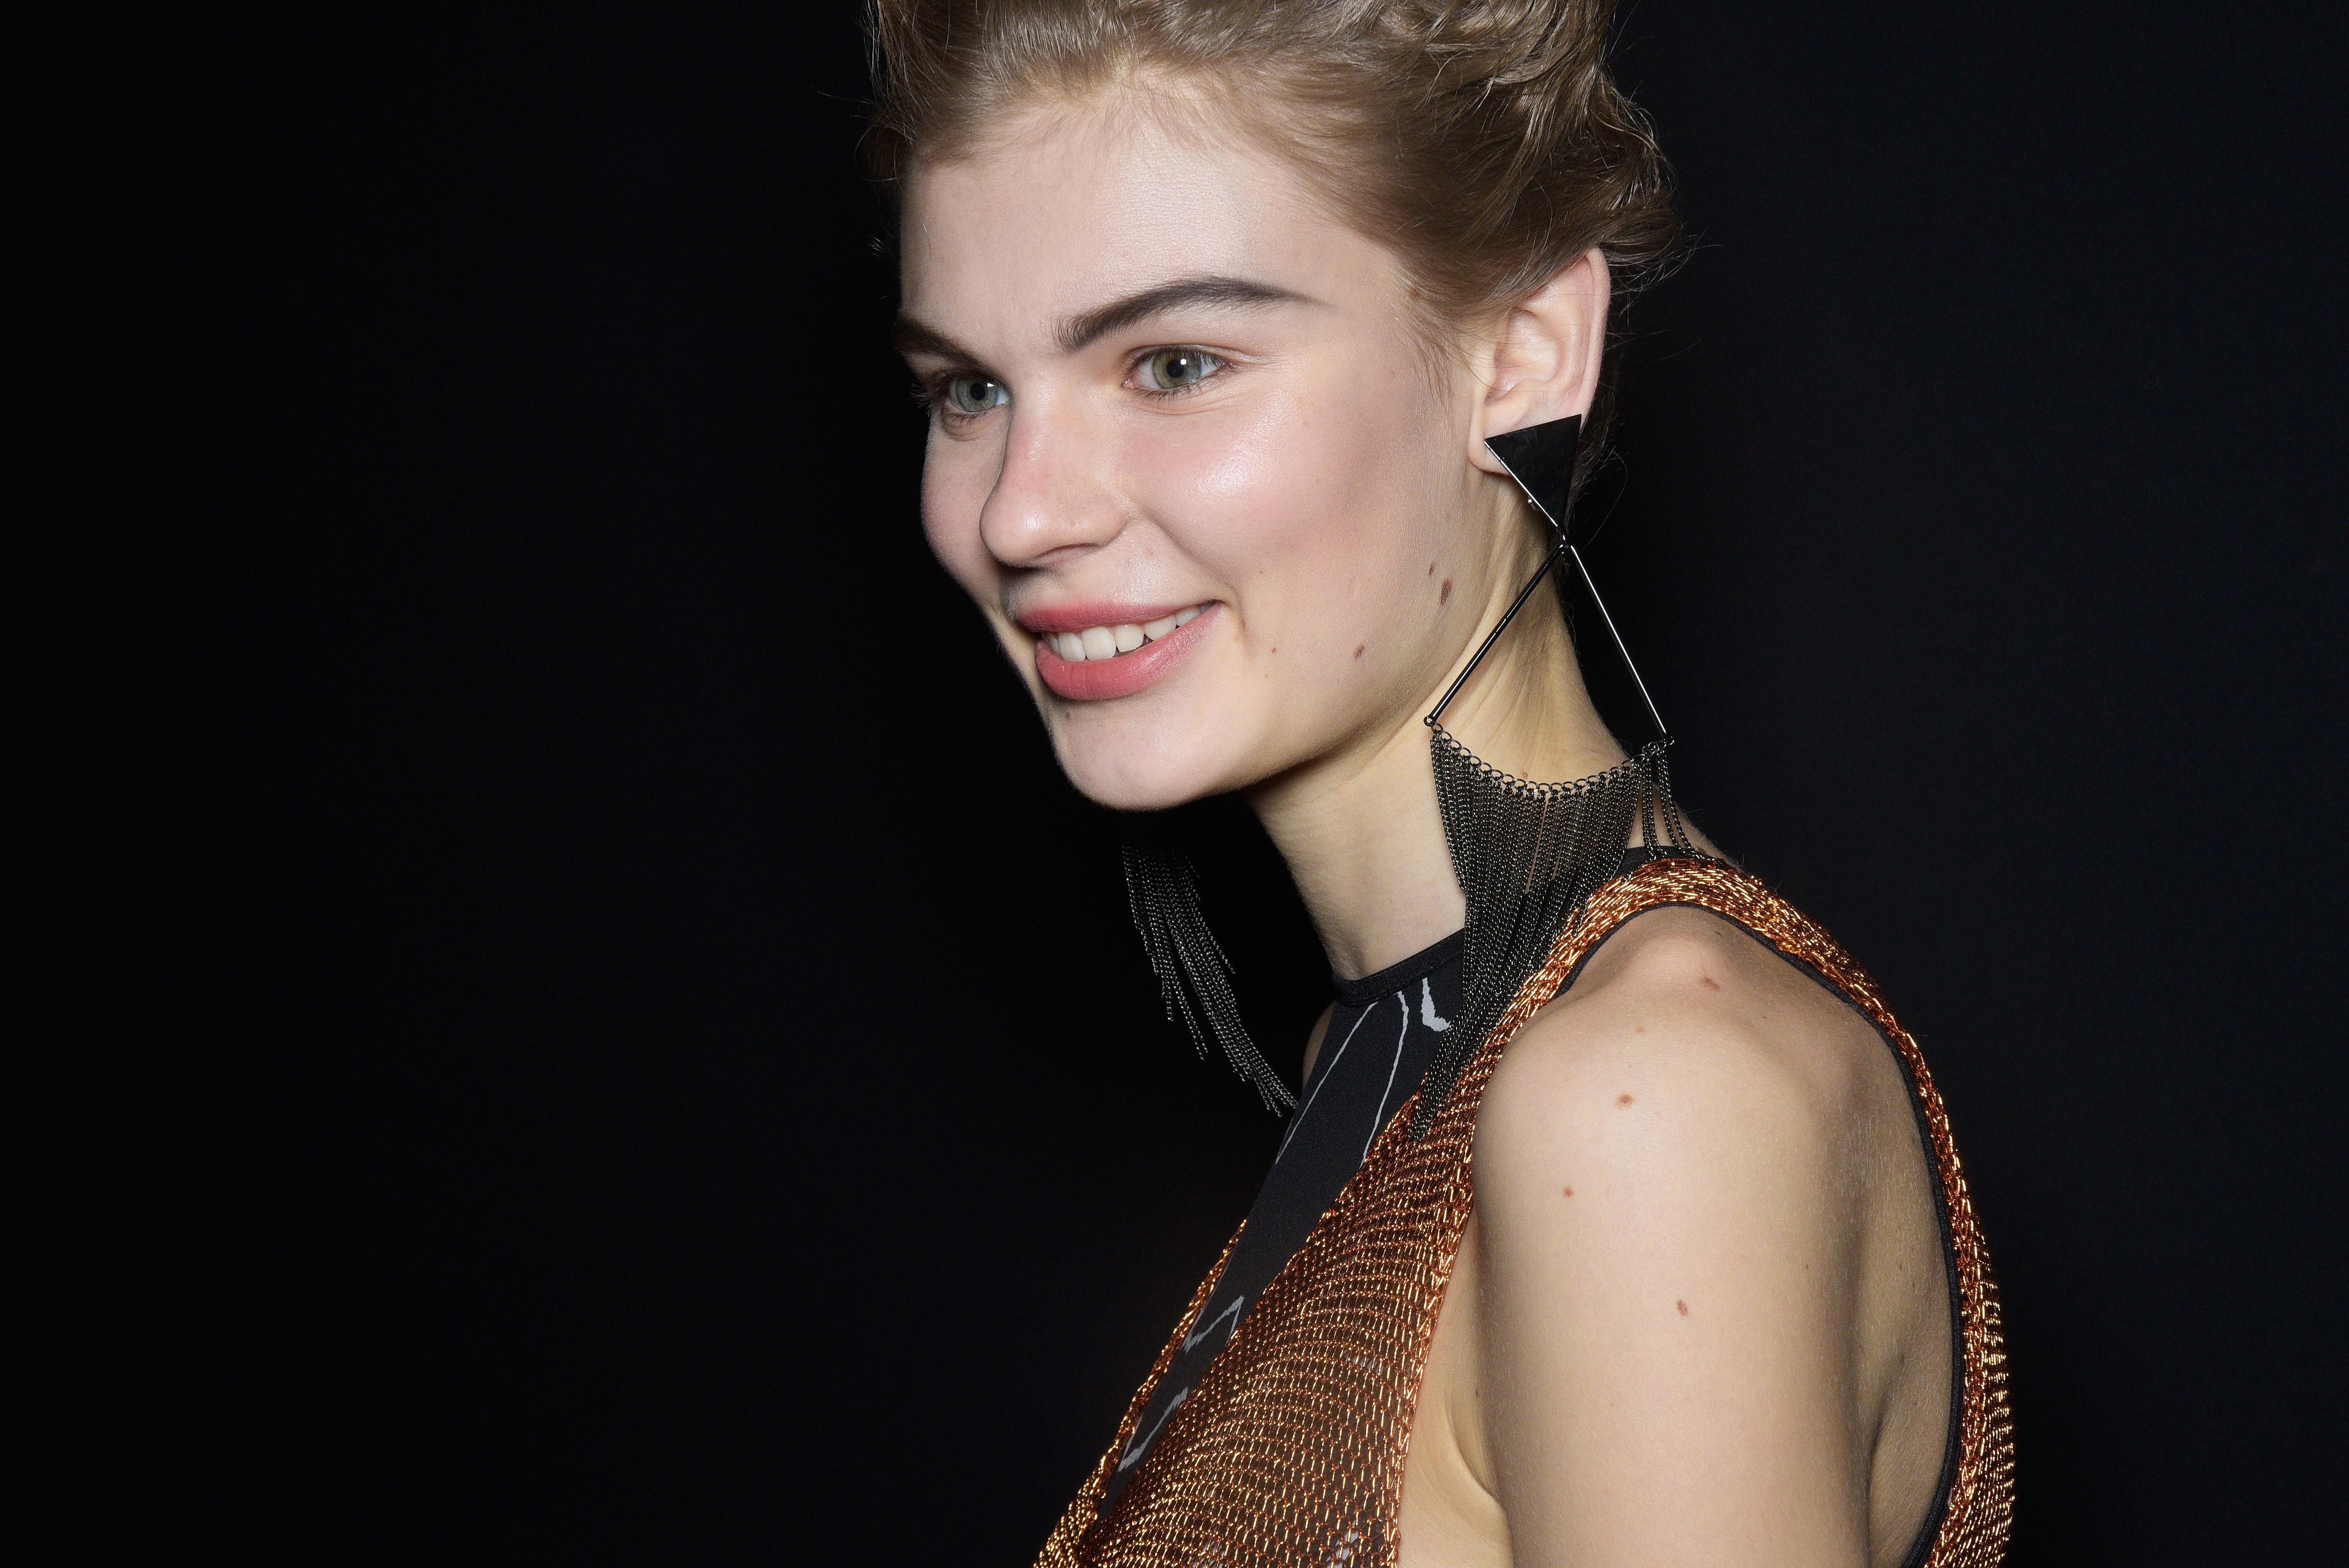 Missoni Debuts Crescent Moon Eyebrows During Milan Fashion Week